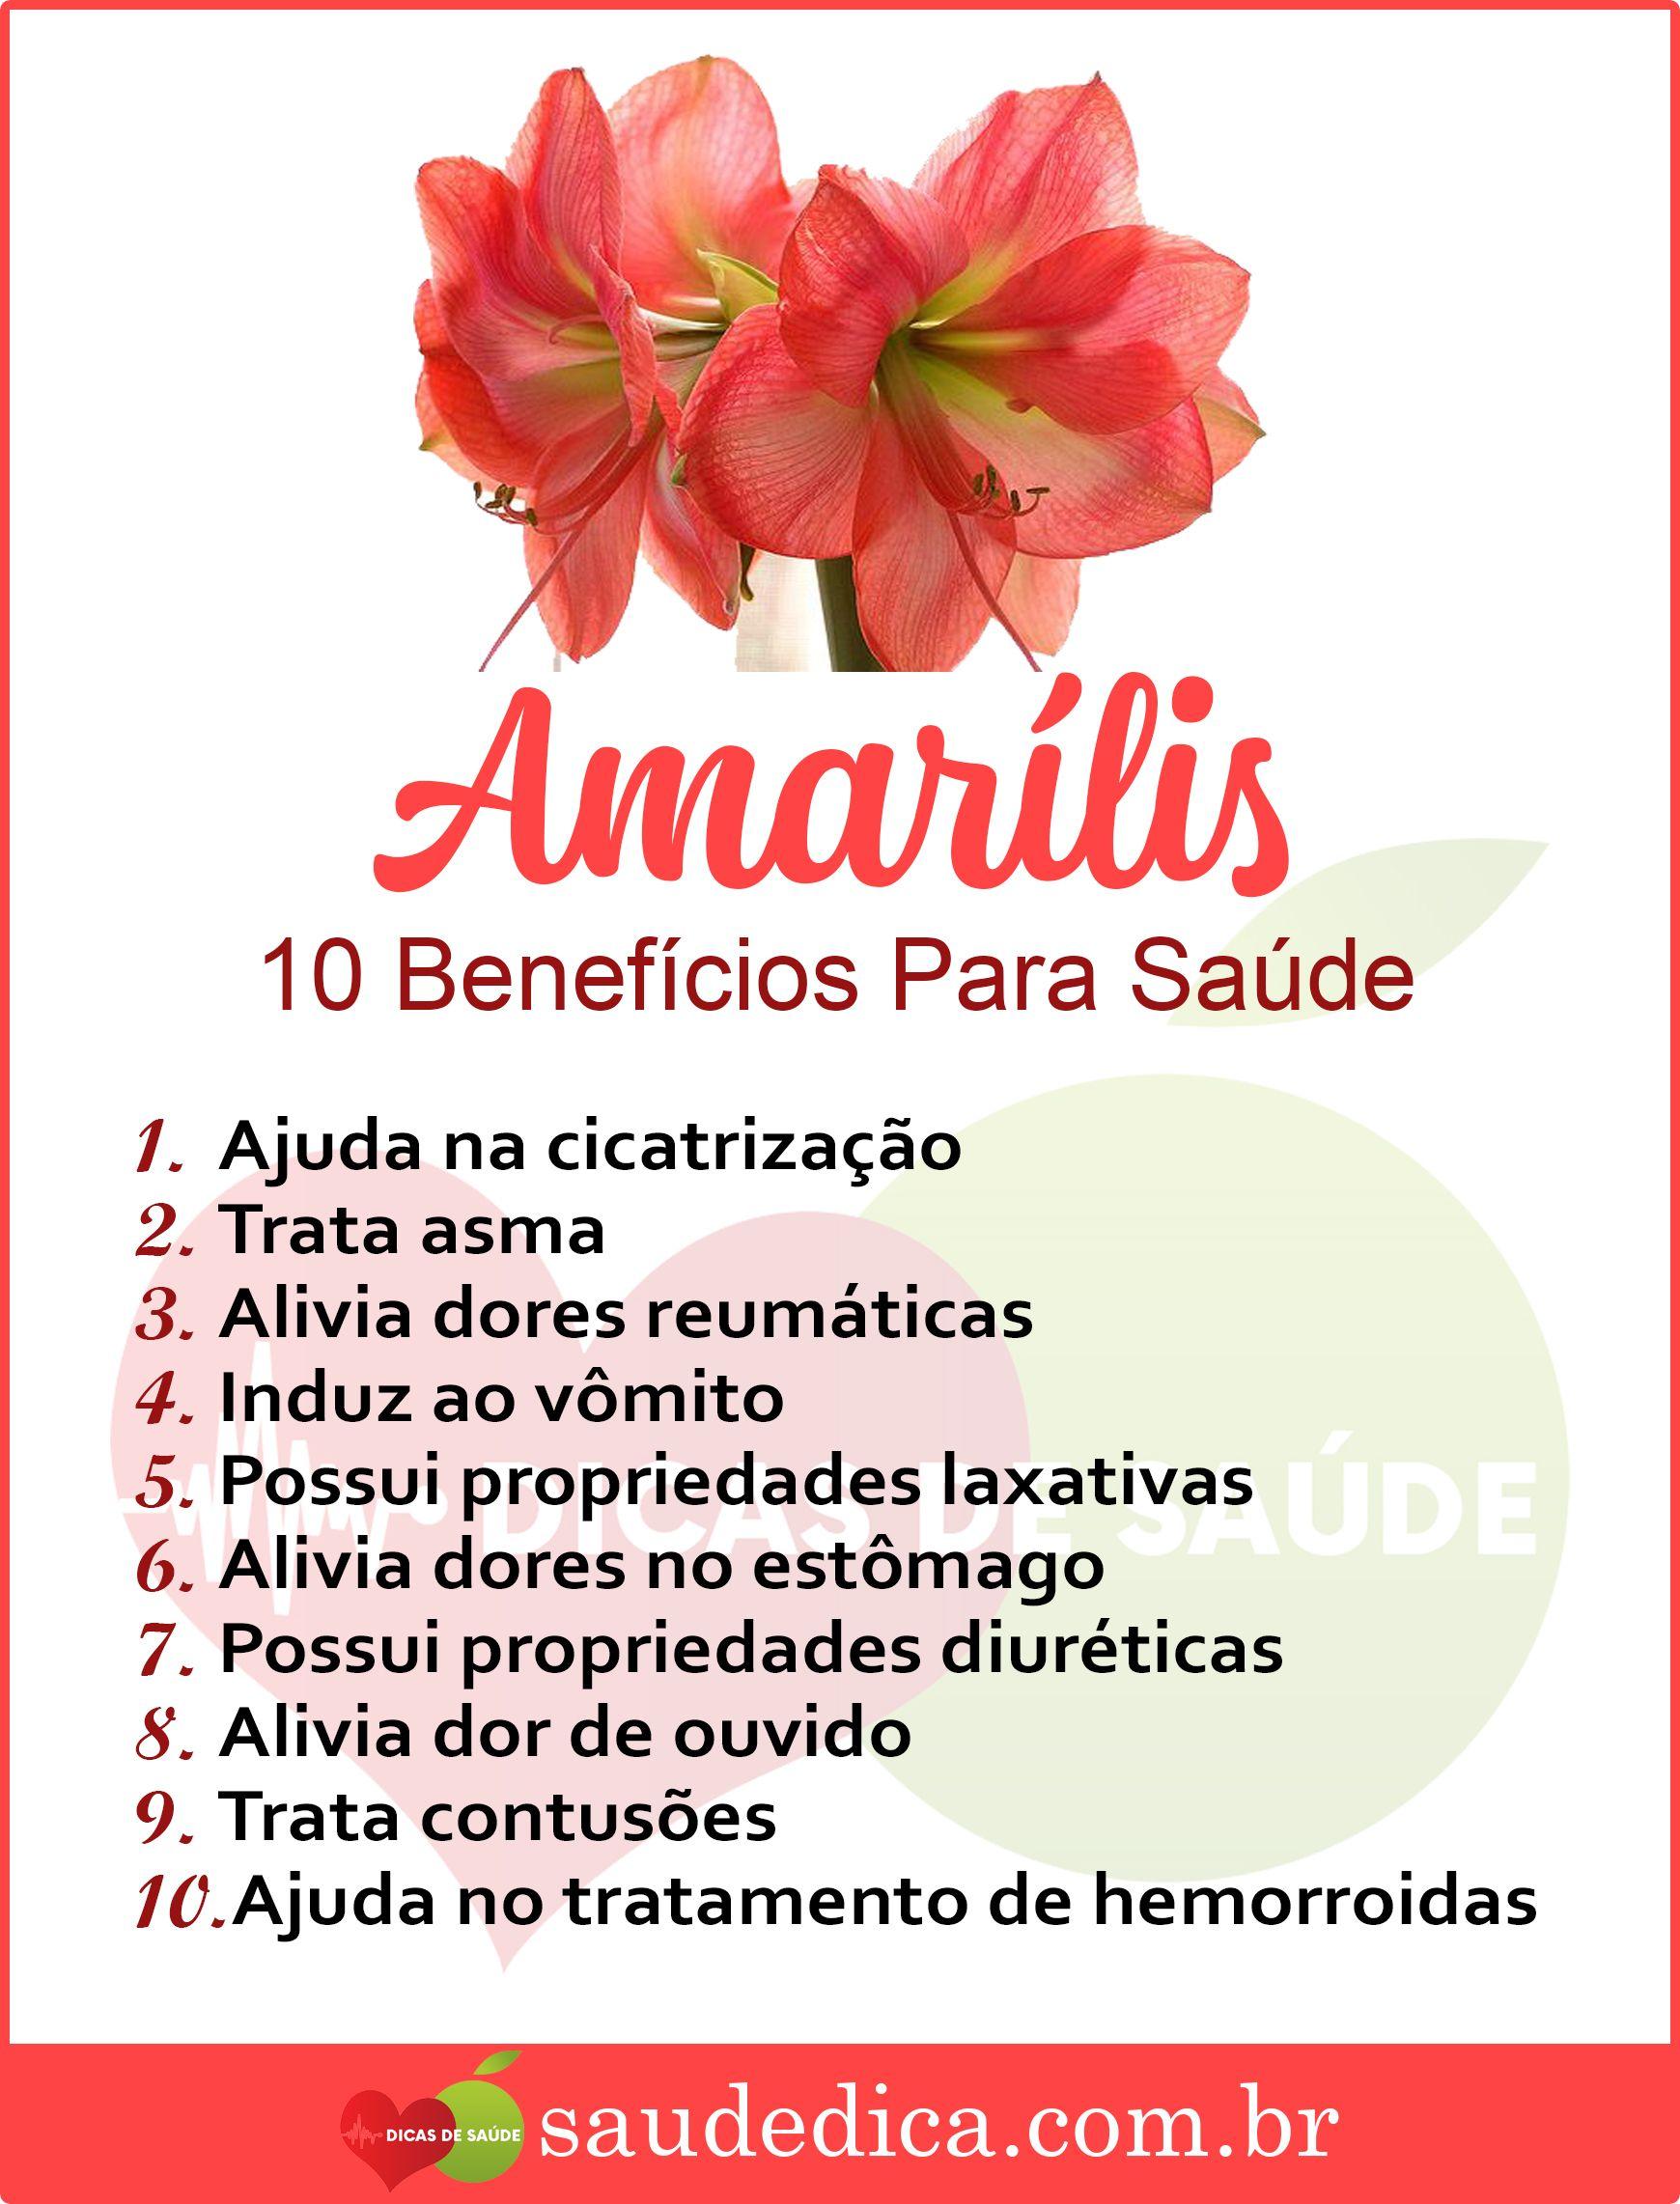 Beneficiosa Da Amarilis Para Saude Amarilis